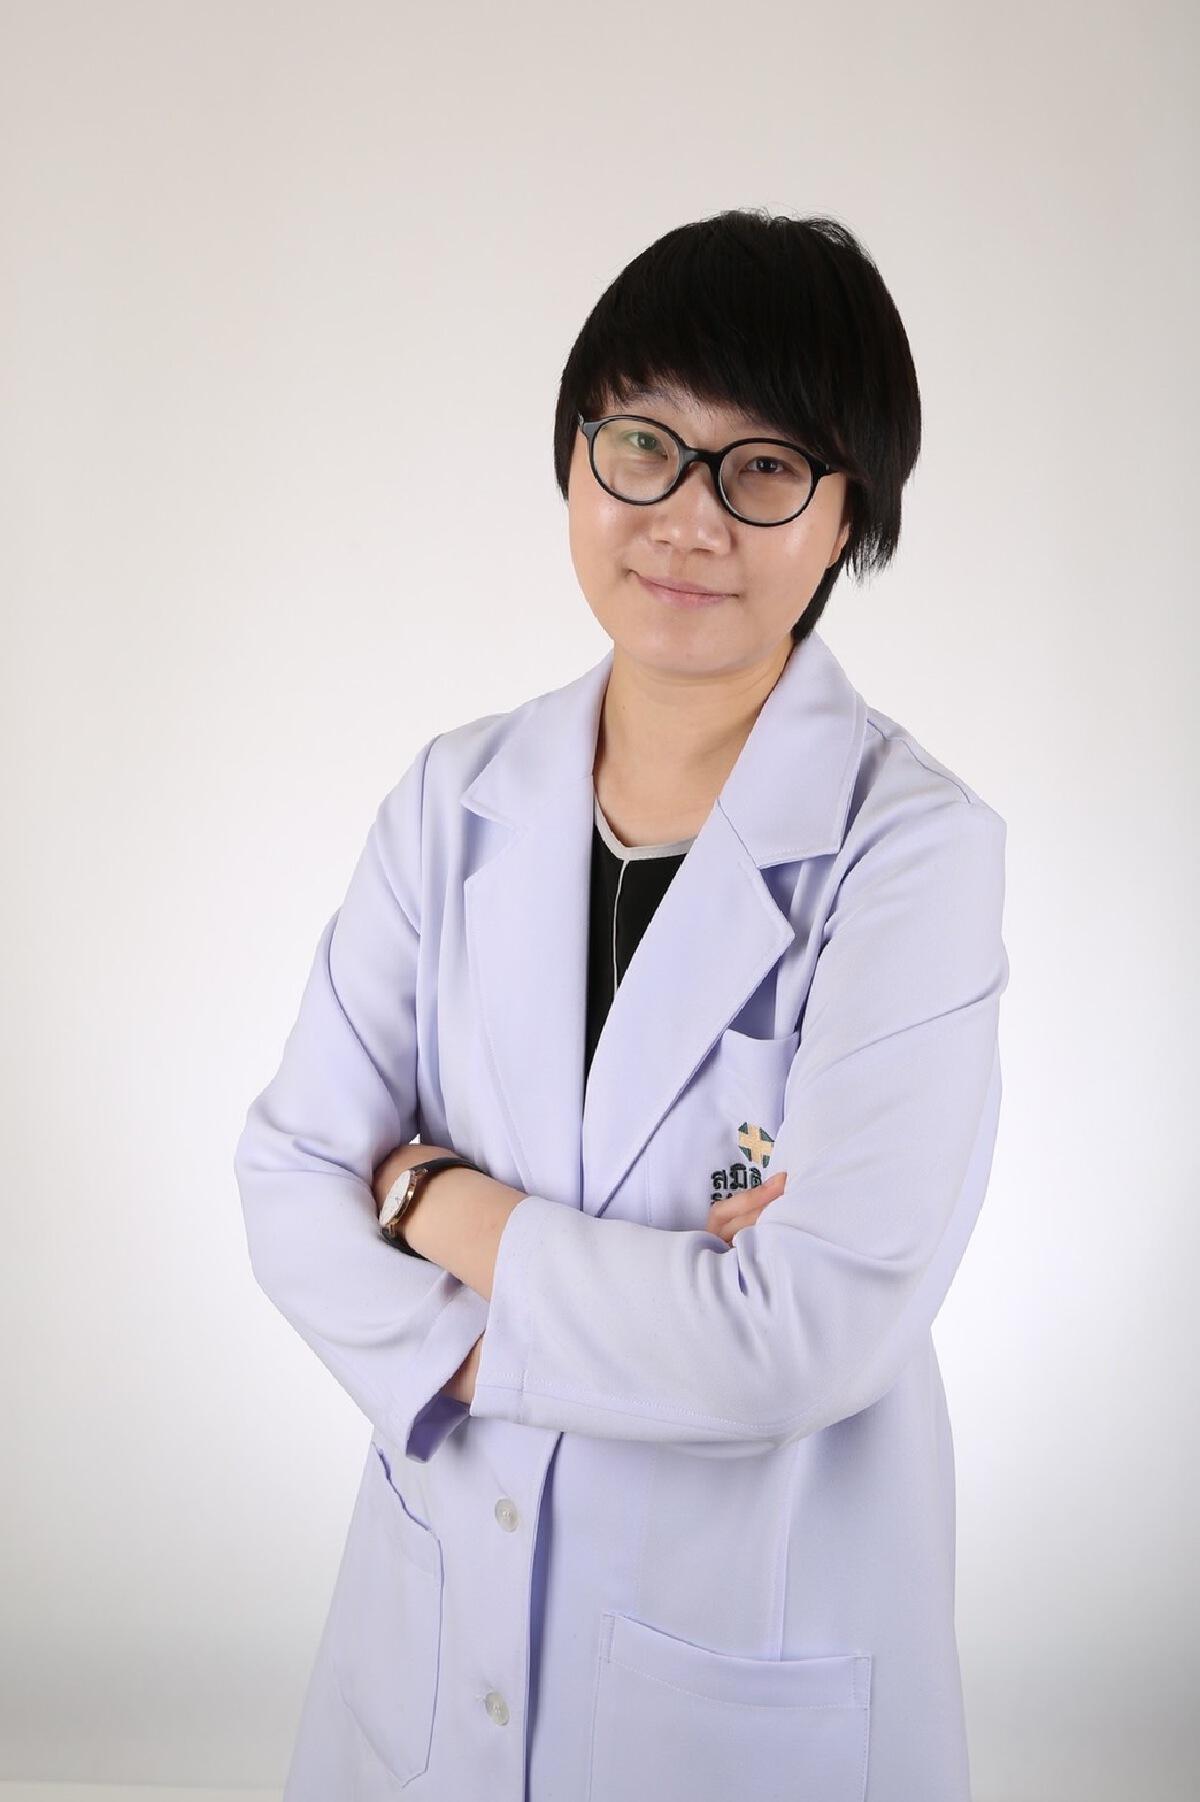 พญ. วินิตา โอฬารลาภ แพทย์ชำนาญการด้านโรคระบบทางเดินอาหารโรงพยาบาลสมิติเวช สุขุมวิท เป็นผู้ให้ข้อมูล